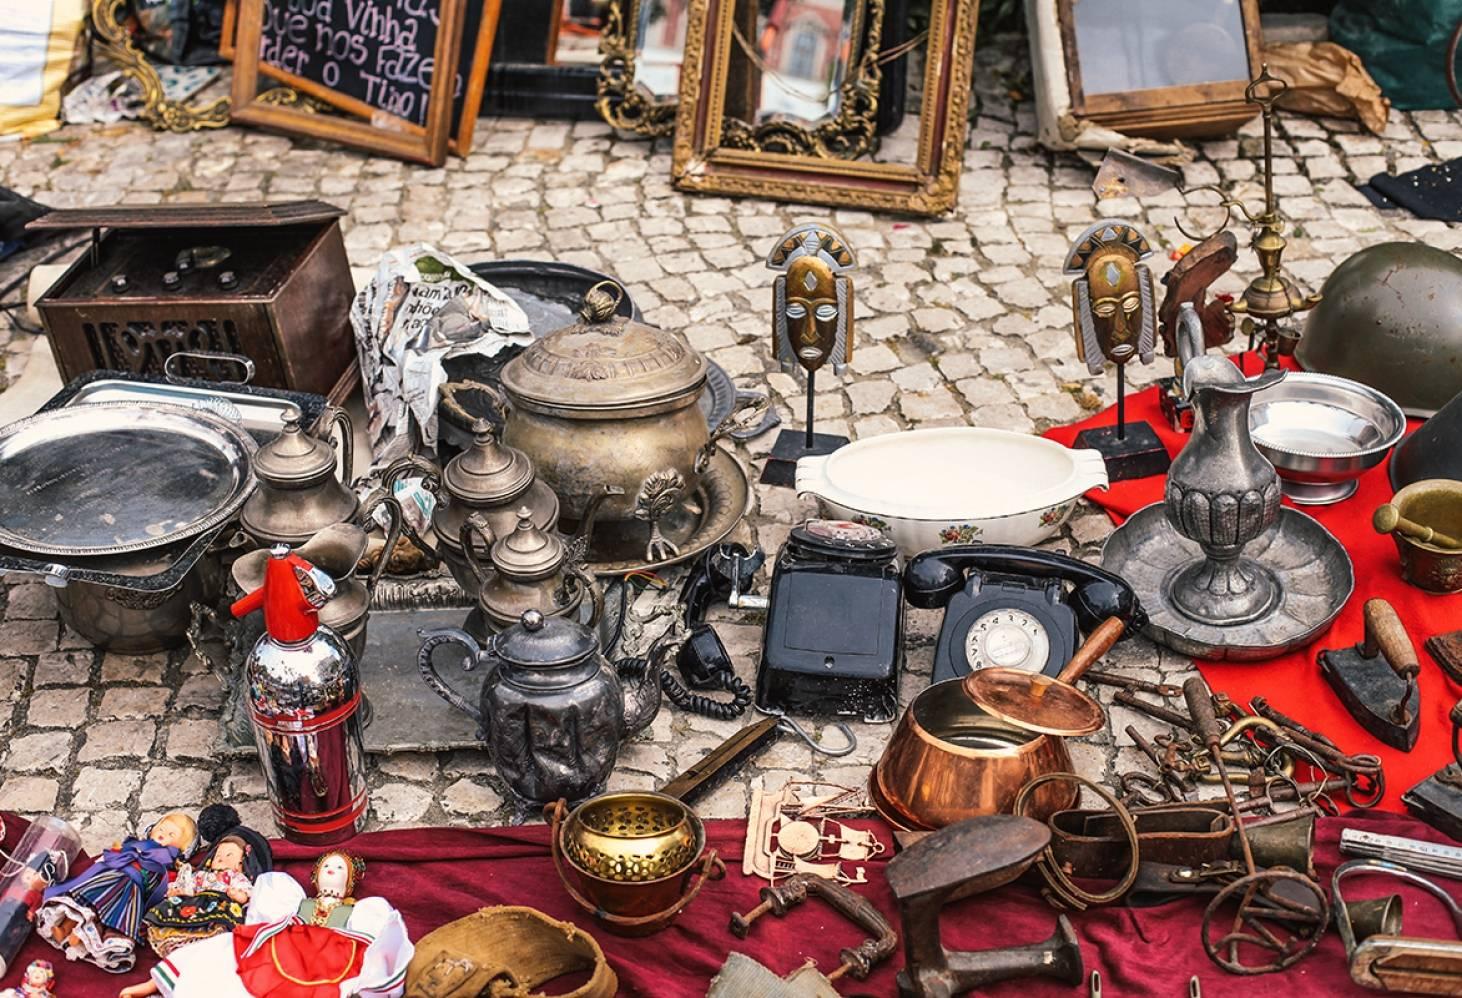 Блошиный удельный рынок - барахолка: режим работы 2020, как добраться, что можно купить   гид по петербургу 2020